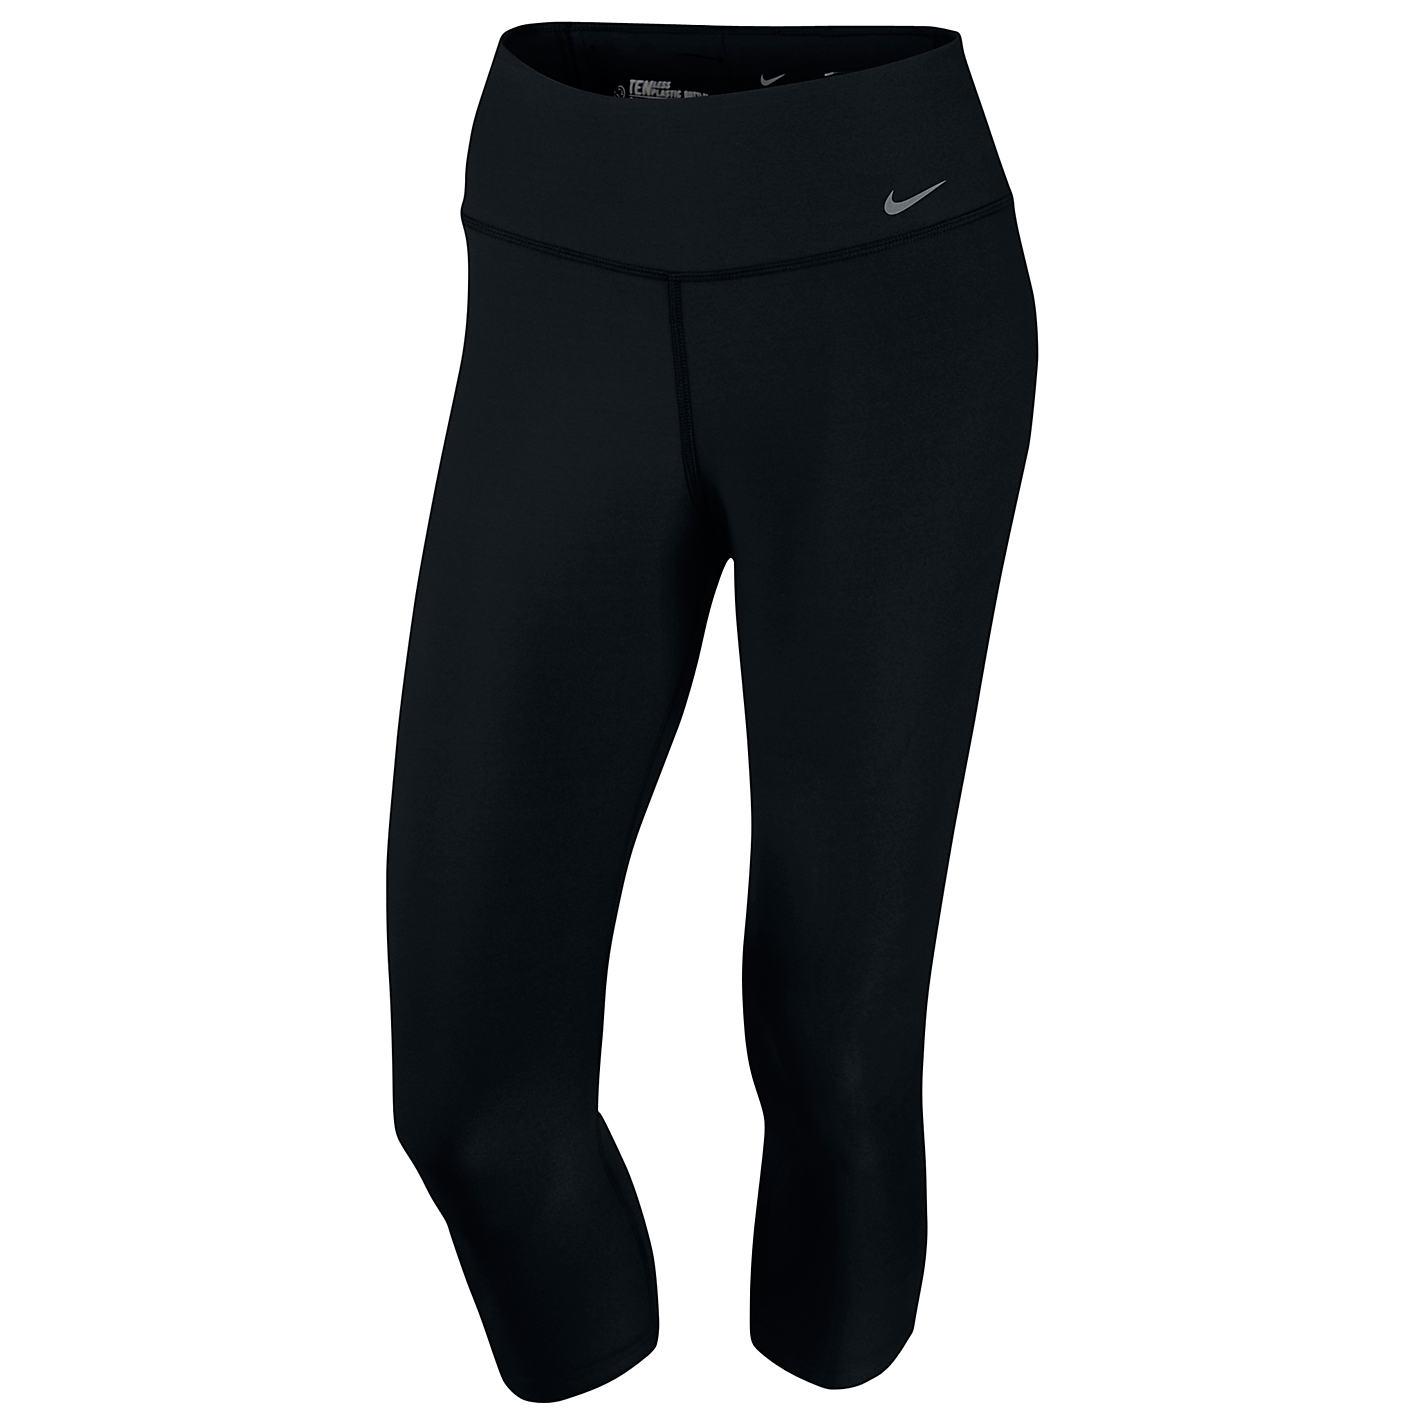 Buy Nike Legend Training Capri Pants, Black | John Lewis